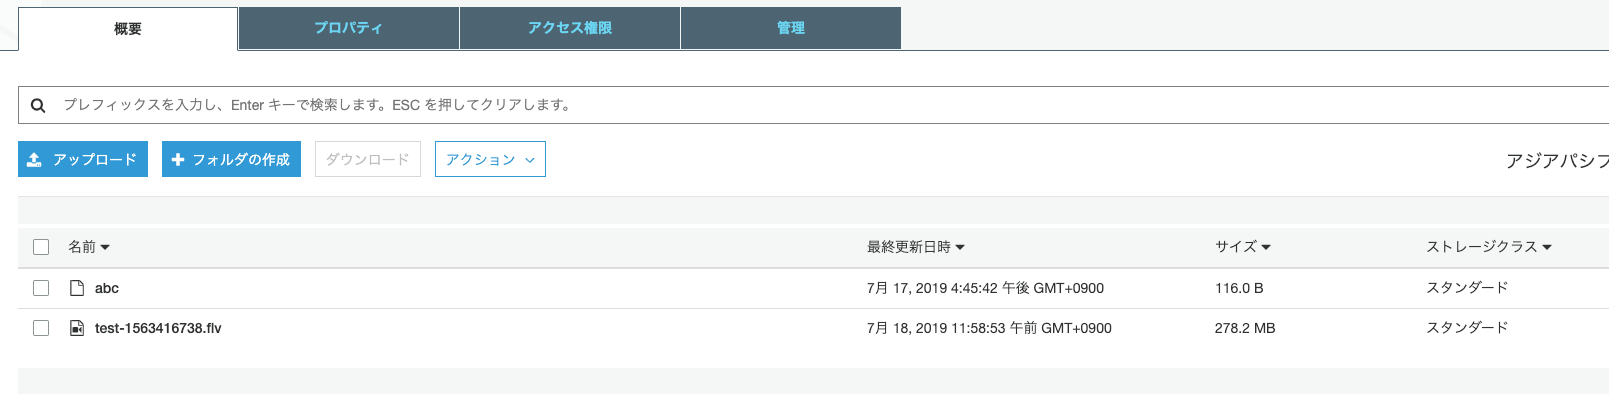 スクリーンショット 2019-07-18 12.06.59.png